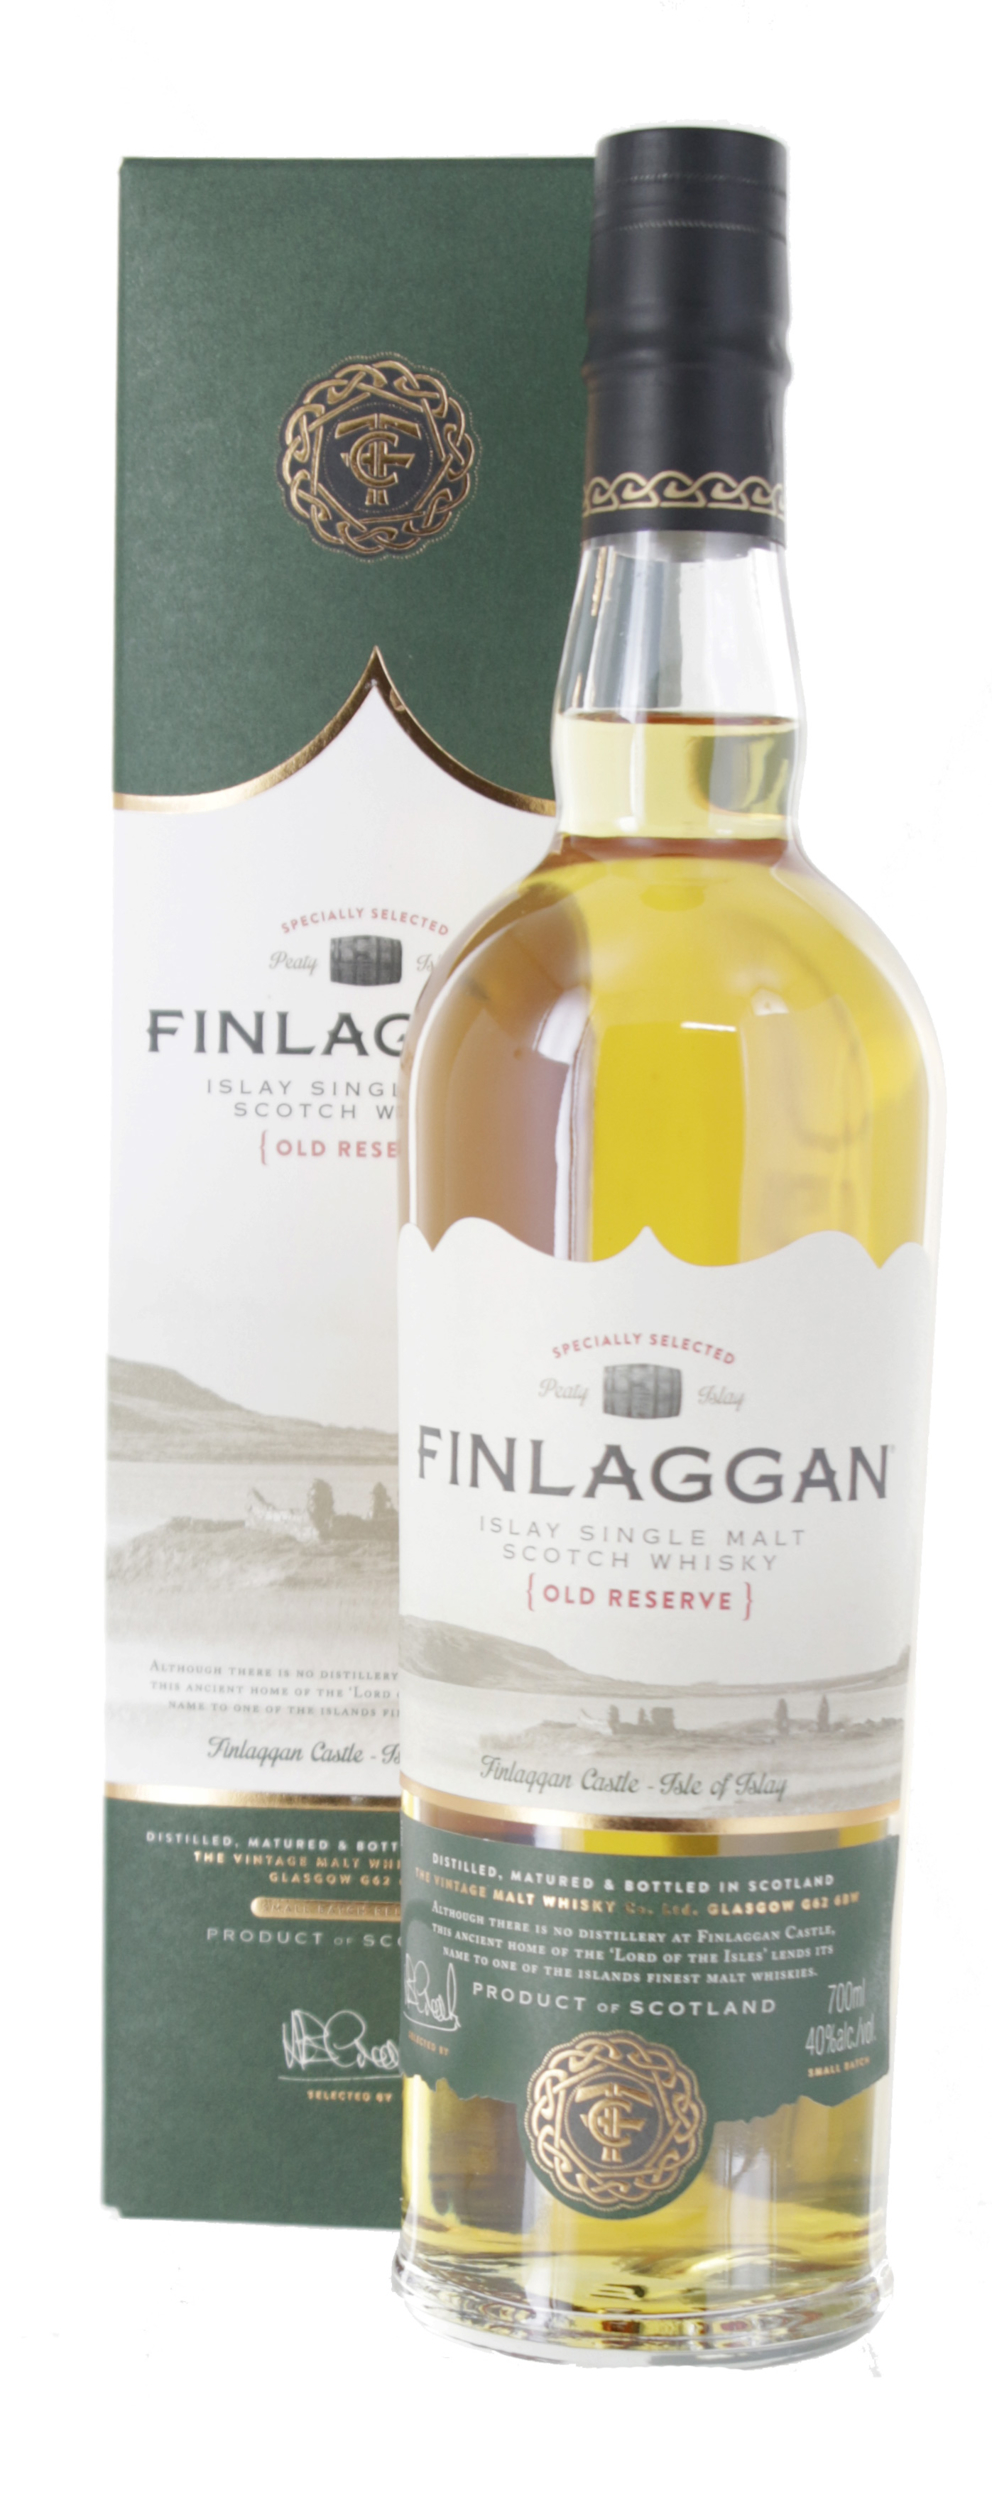 Finlaggan Old Reserve - Ecosse Islay - Single Malt - Non tourbé - 70cl - 40°